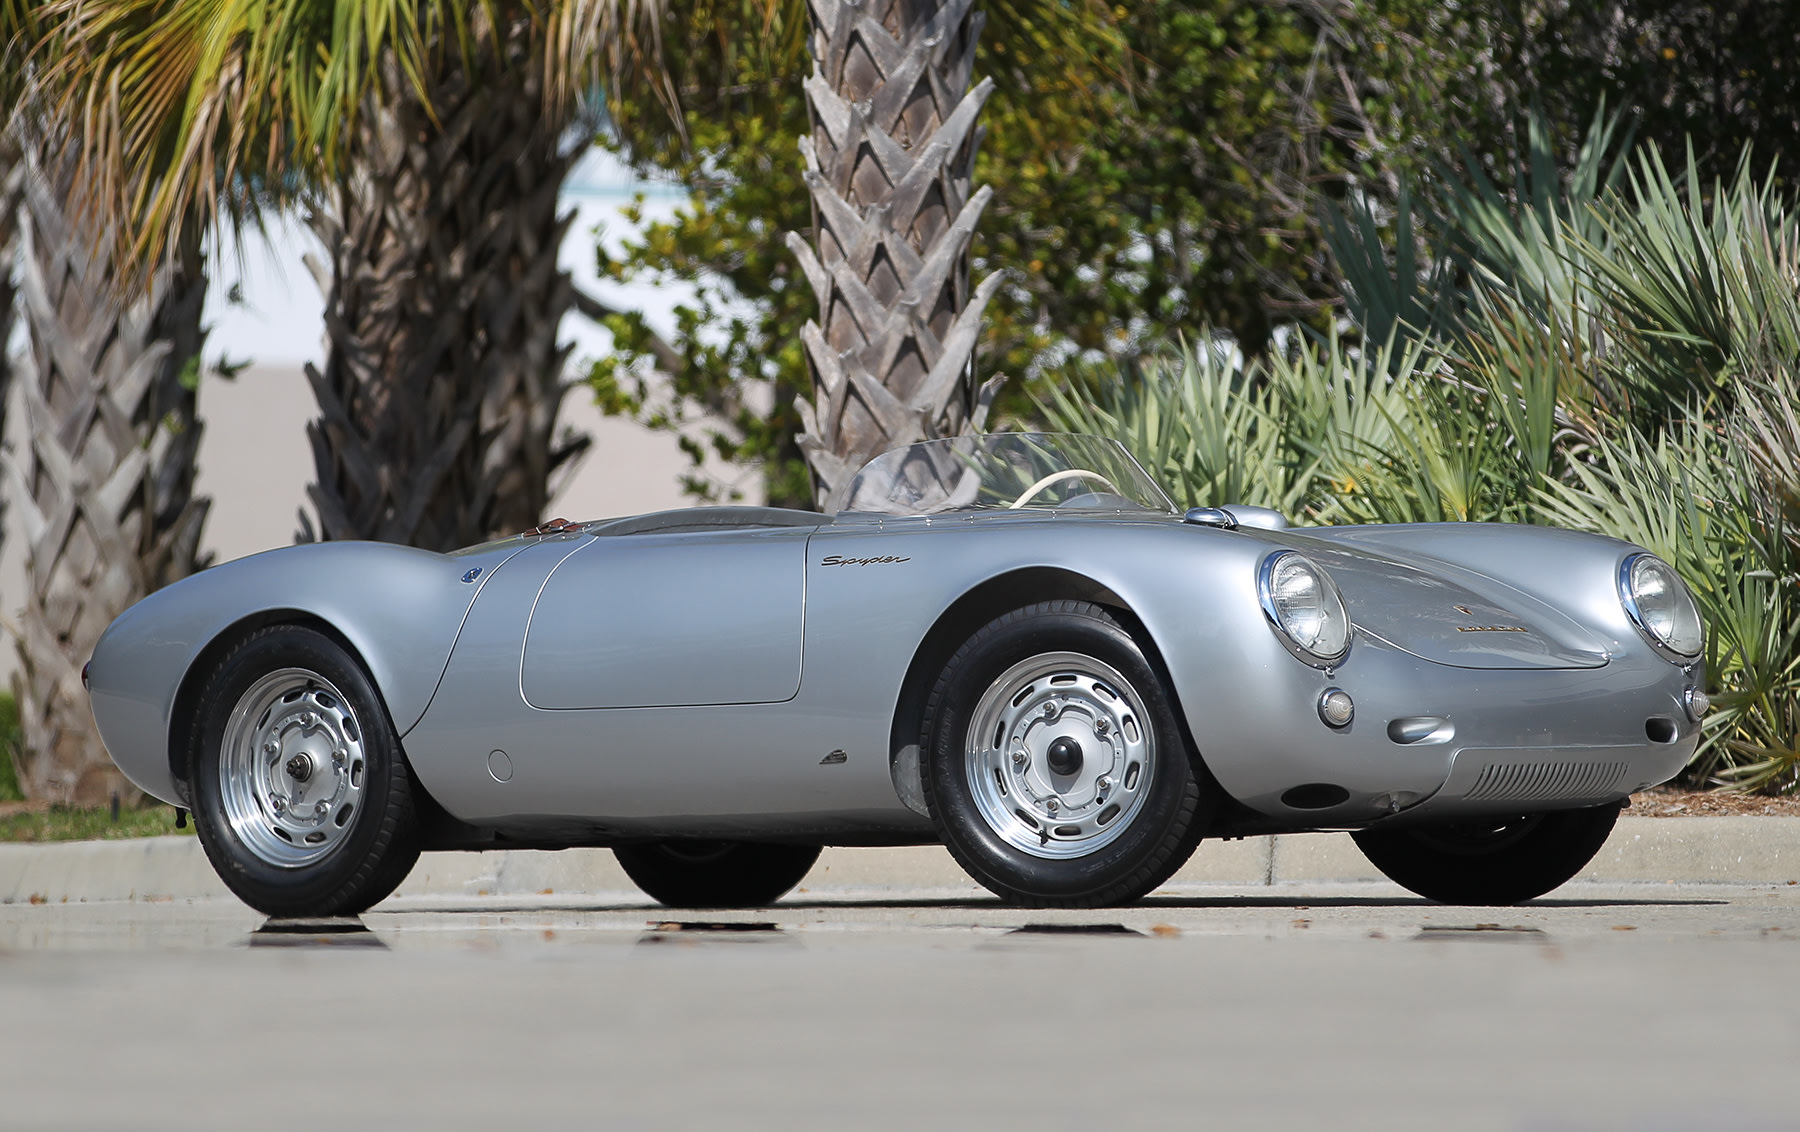 1955 Porsche 550/1500 RS Spyder